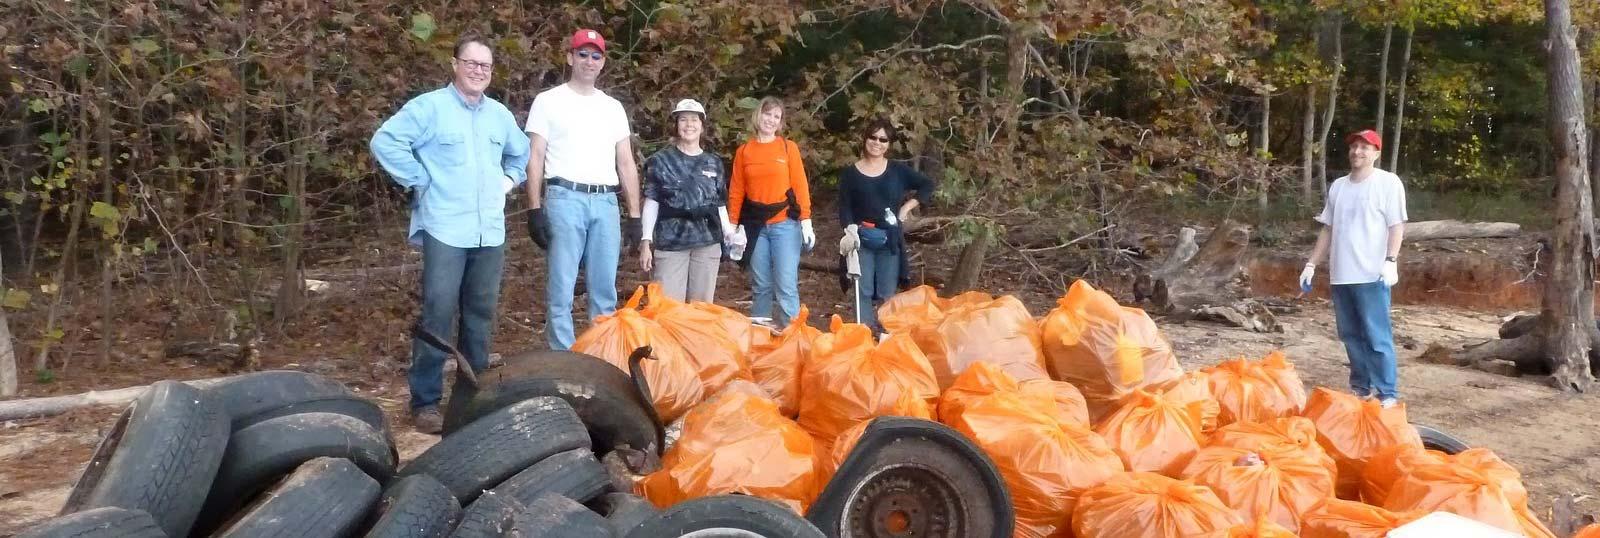 Clean Jordan Lake events -